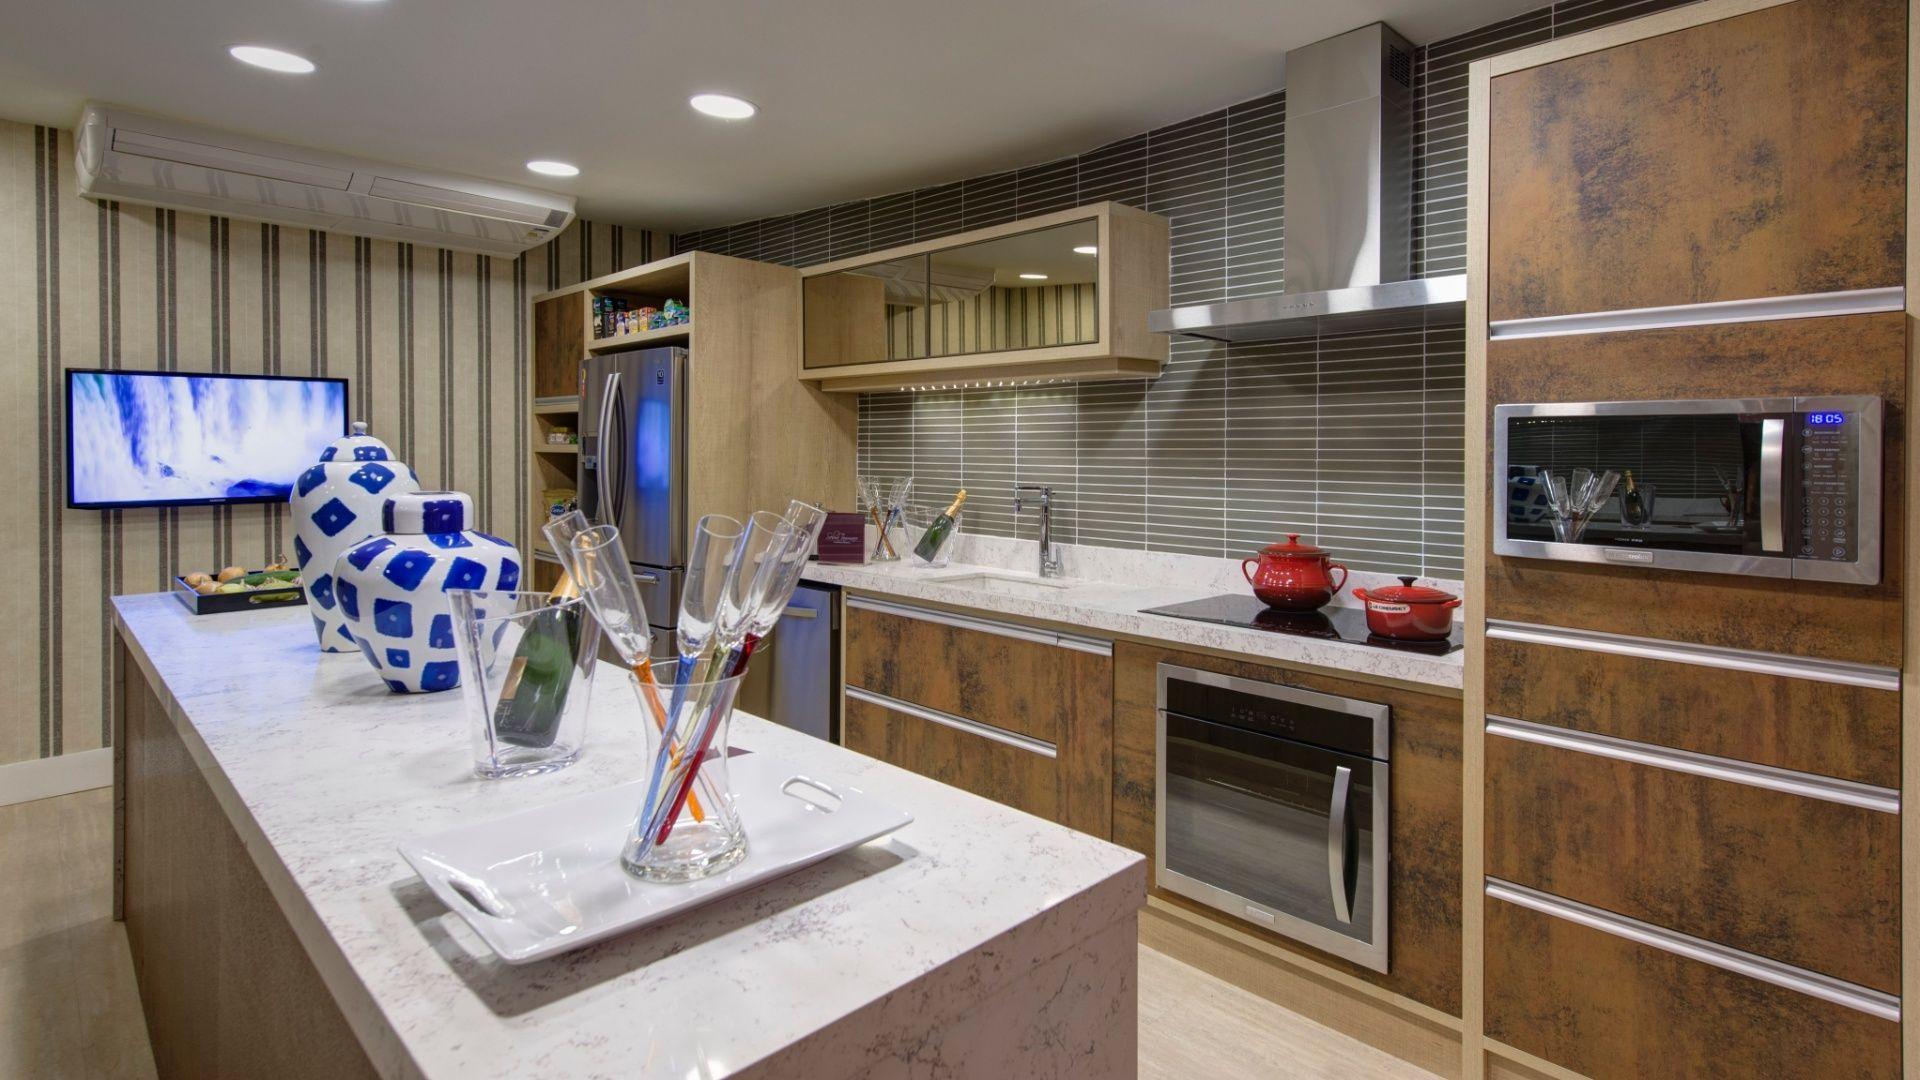 casa cor cozinhas 2014 - Pesquisa Google